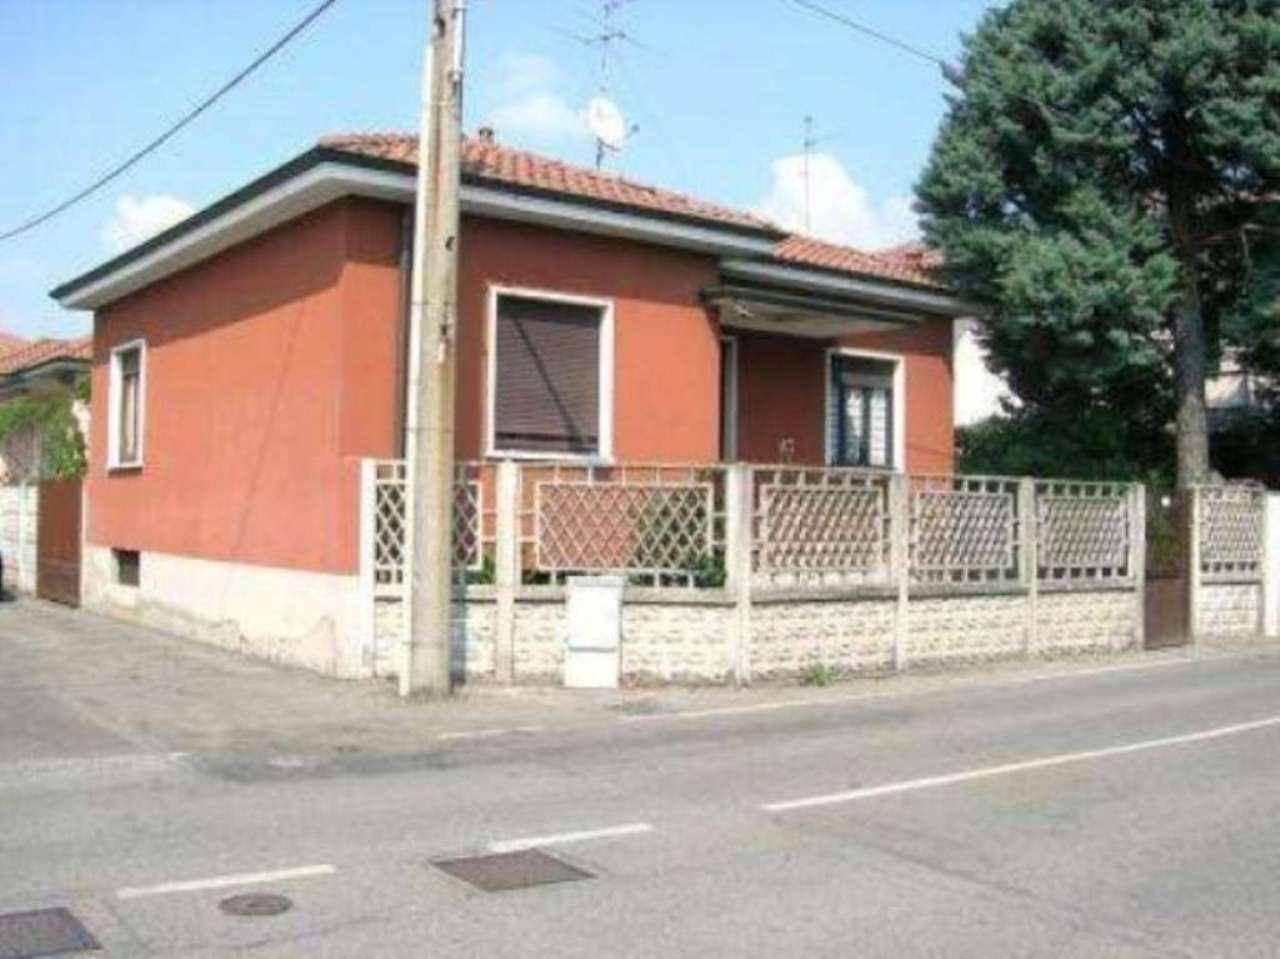 Villa in vendita a Arluno, 3 locali, prezzo € 189.000 | Cambio Casa.it